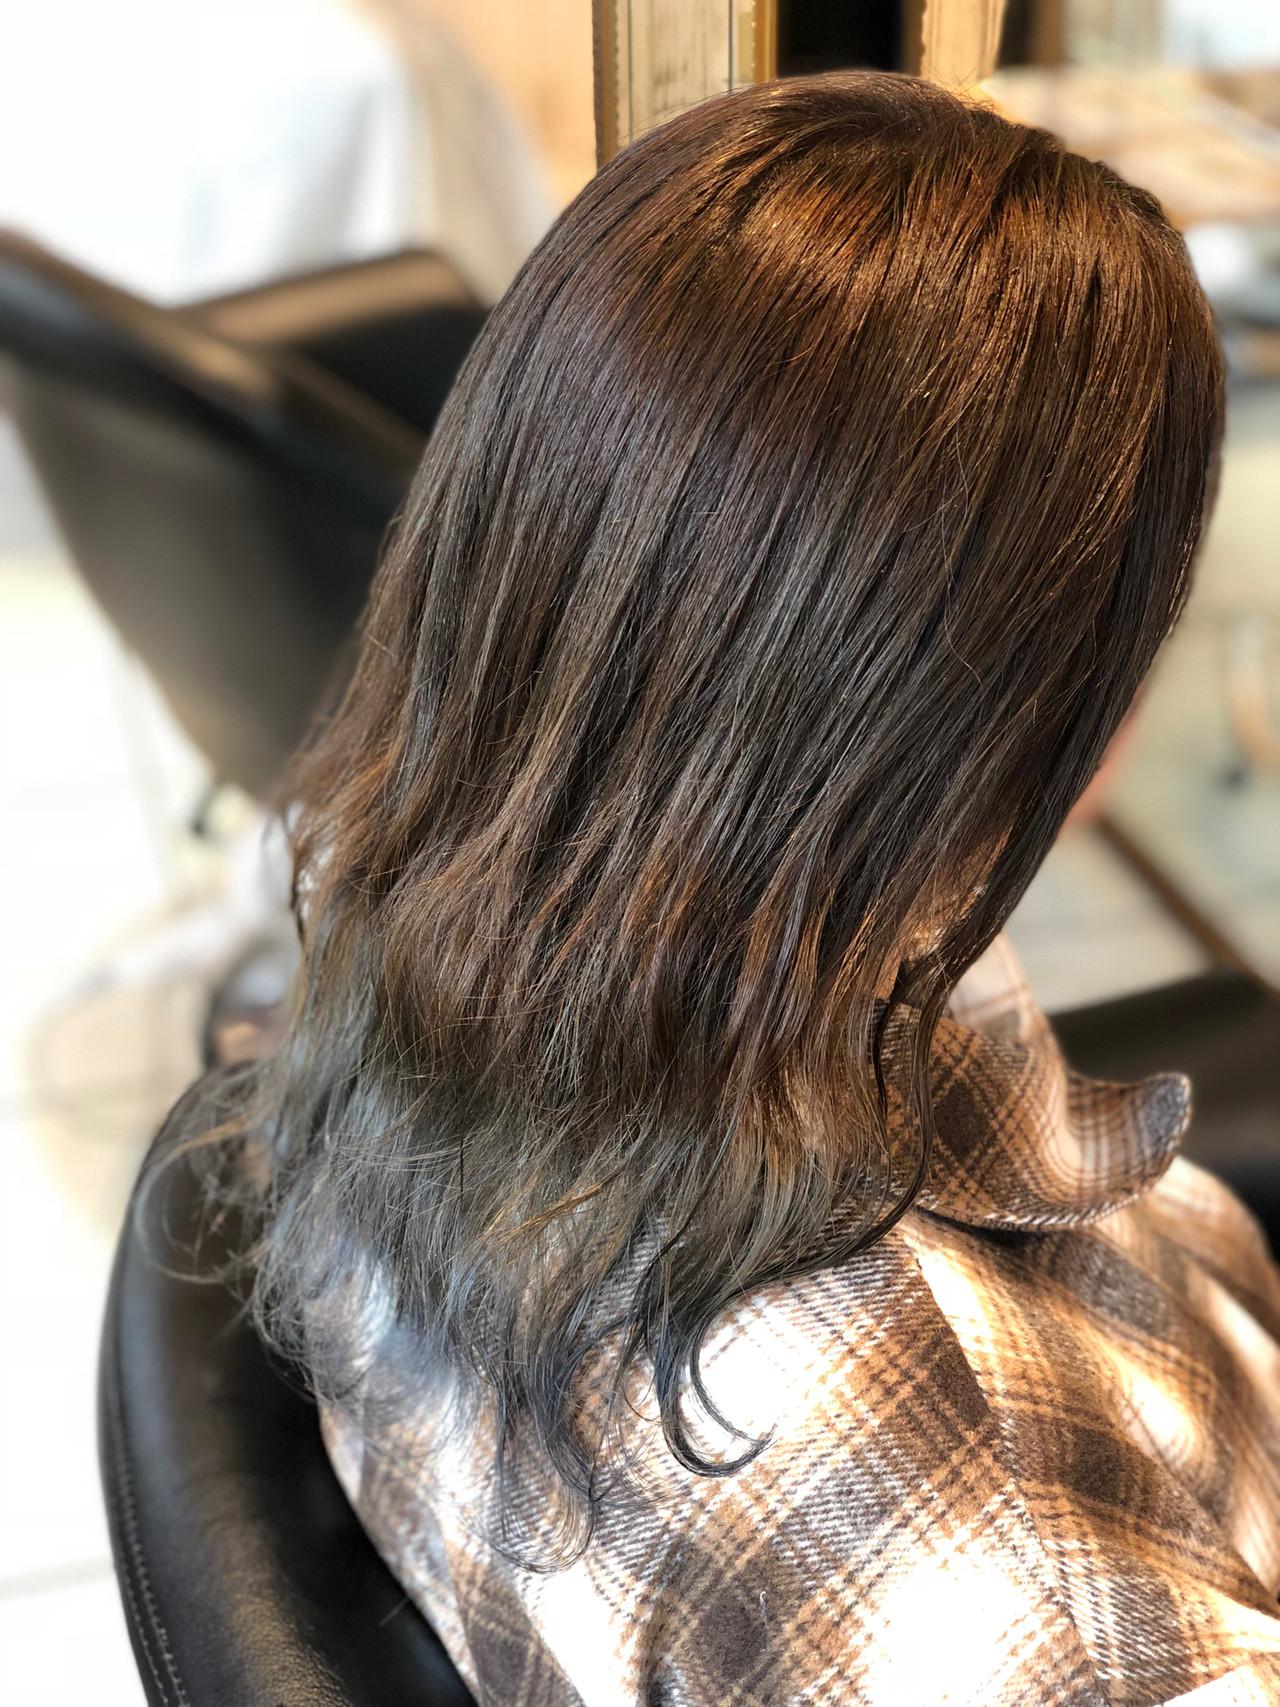 グラデーションカラー ナチュラル セミロング シルバー ヘアスタイルや髪型の写真・画像 | 永井大樹 / FENICE on the beach